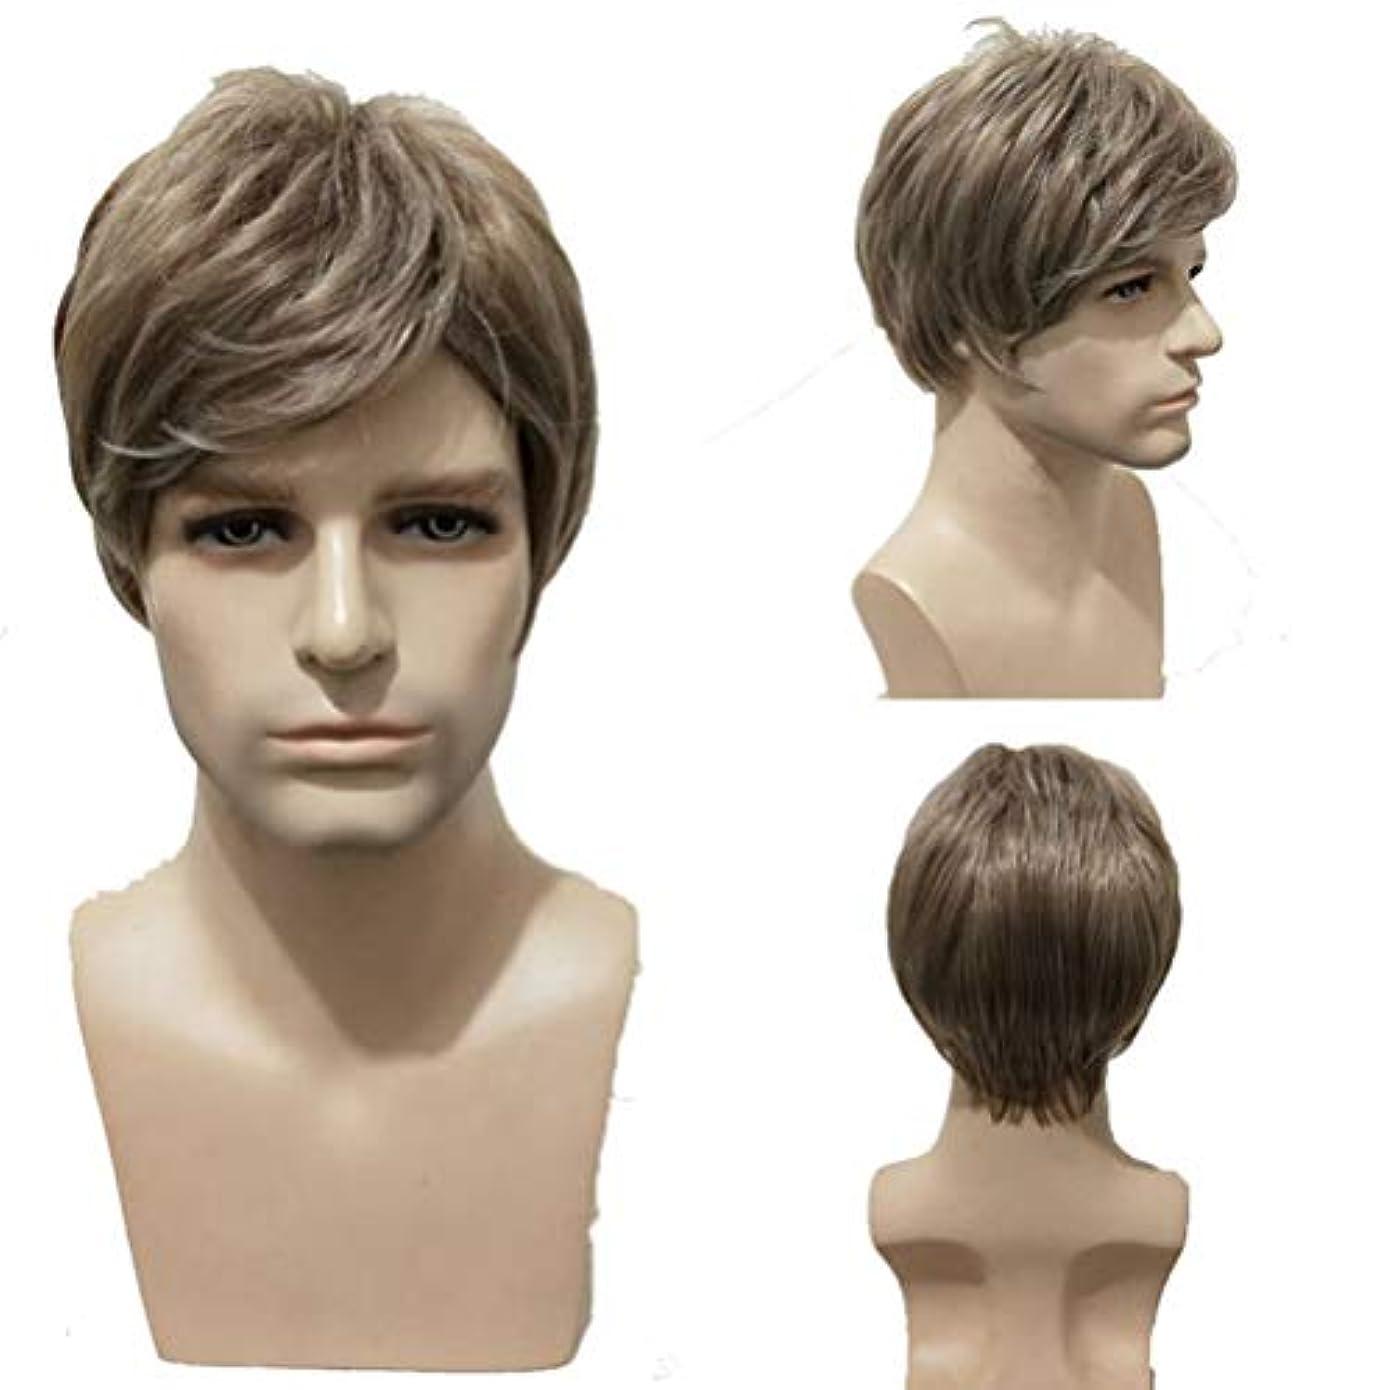 誤解させるニッケル正気人のかつら150%密度合成耐熱ショートブラジル人毛ウィッグブラウン28cm